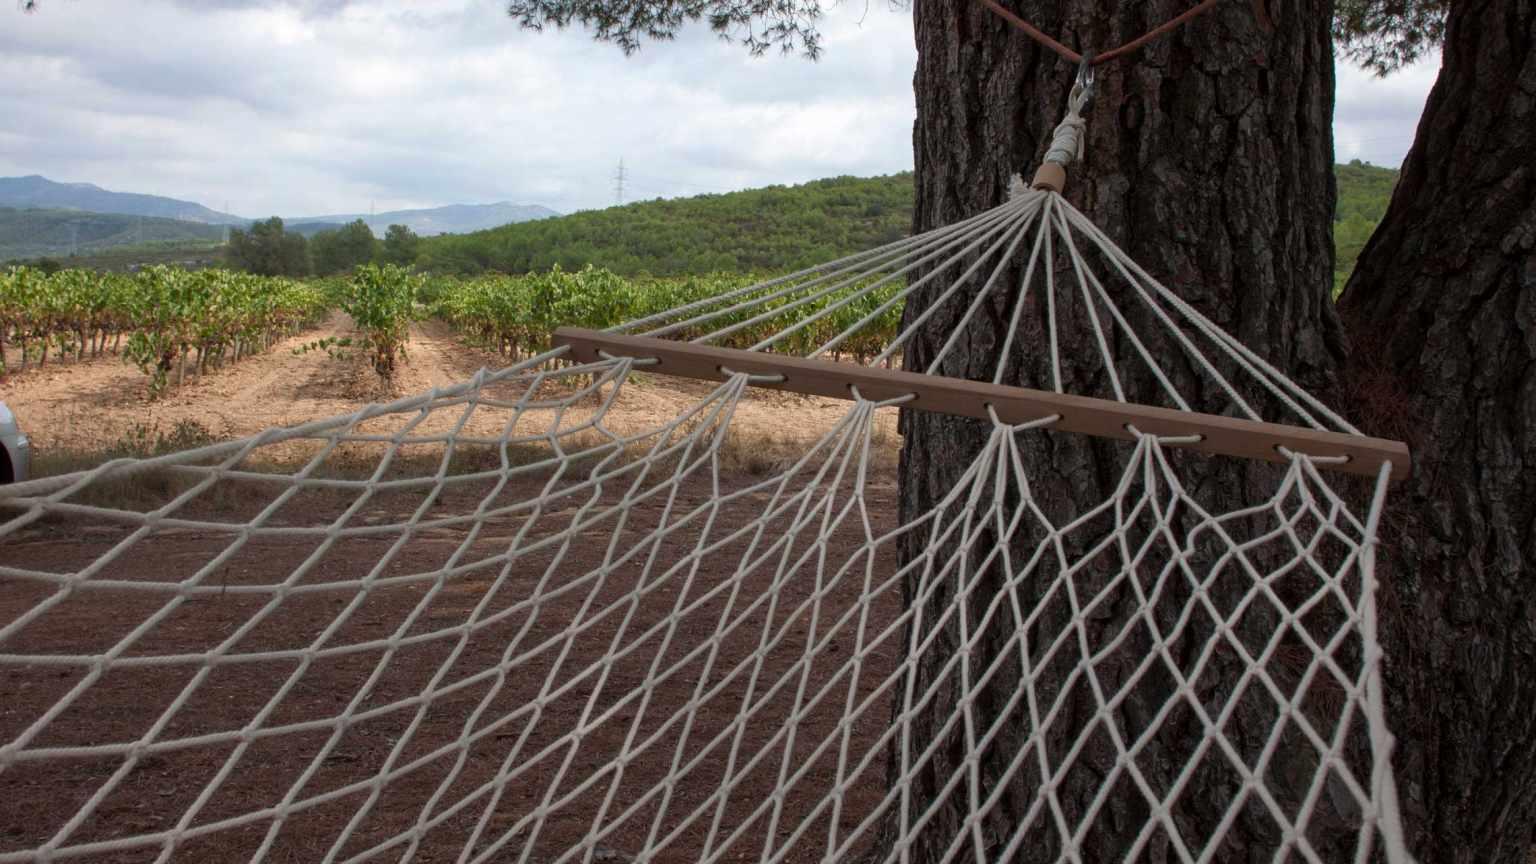 barraca entre vinyes - barraca pi gros